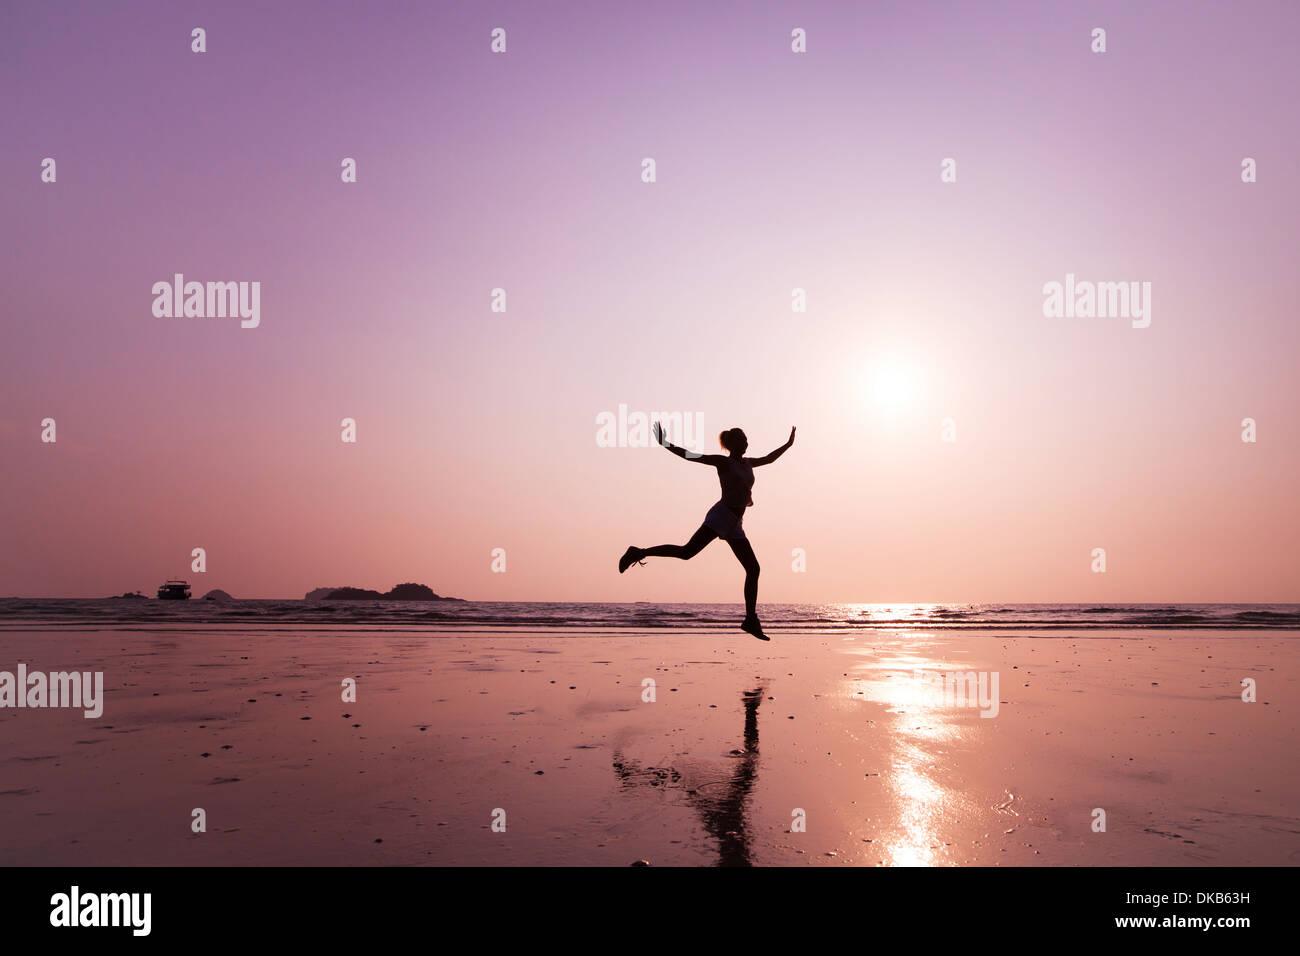 junge Frau am Strand springen Stockbild